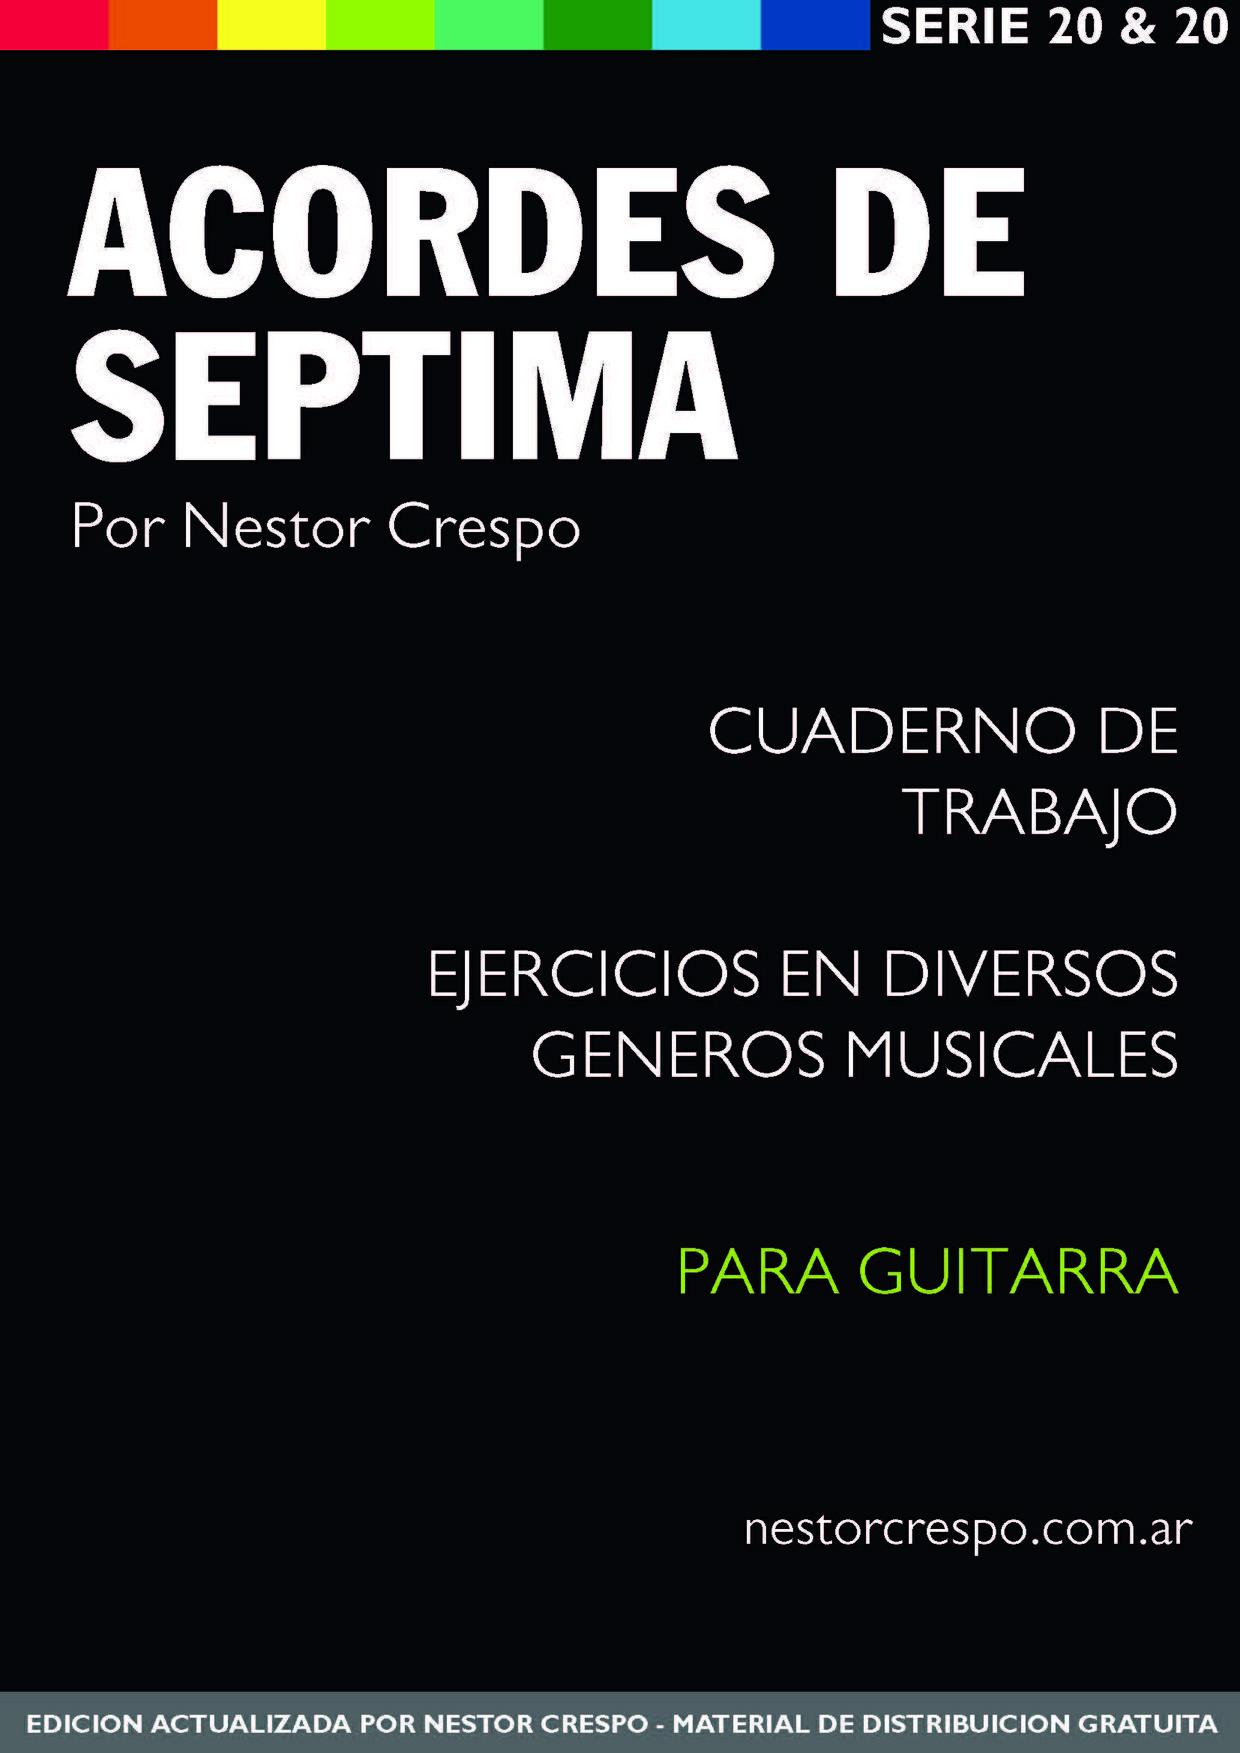 GUITARRA / GRATIS - DONACION - Libro de Acordes de Séptima